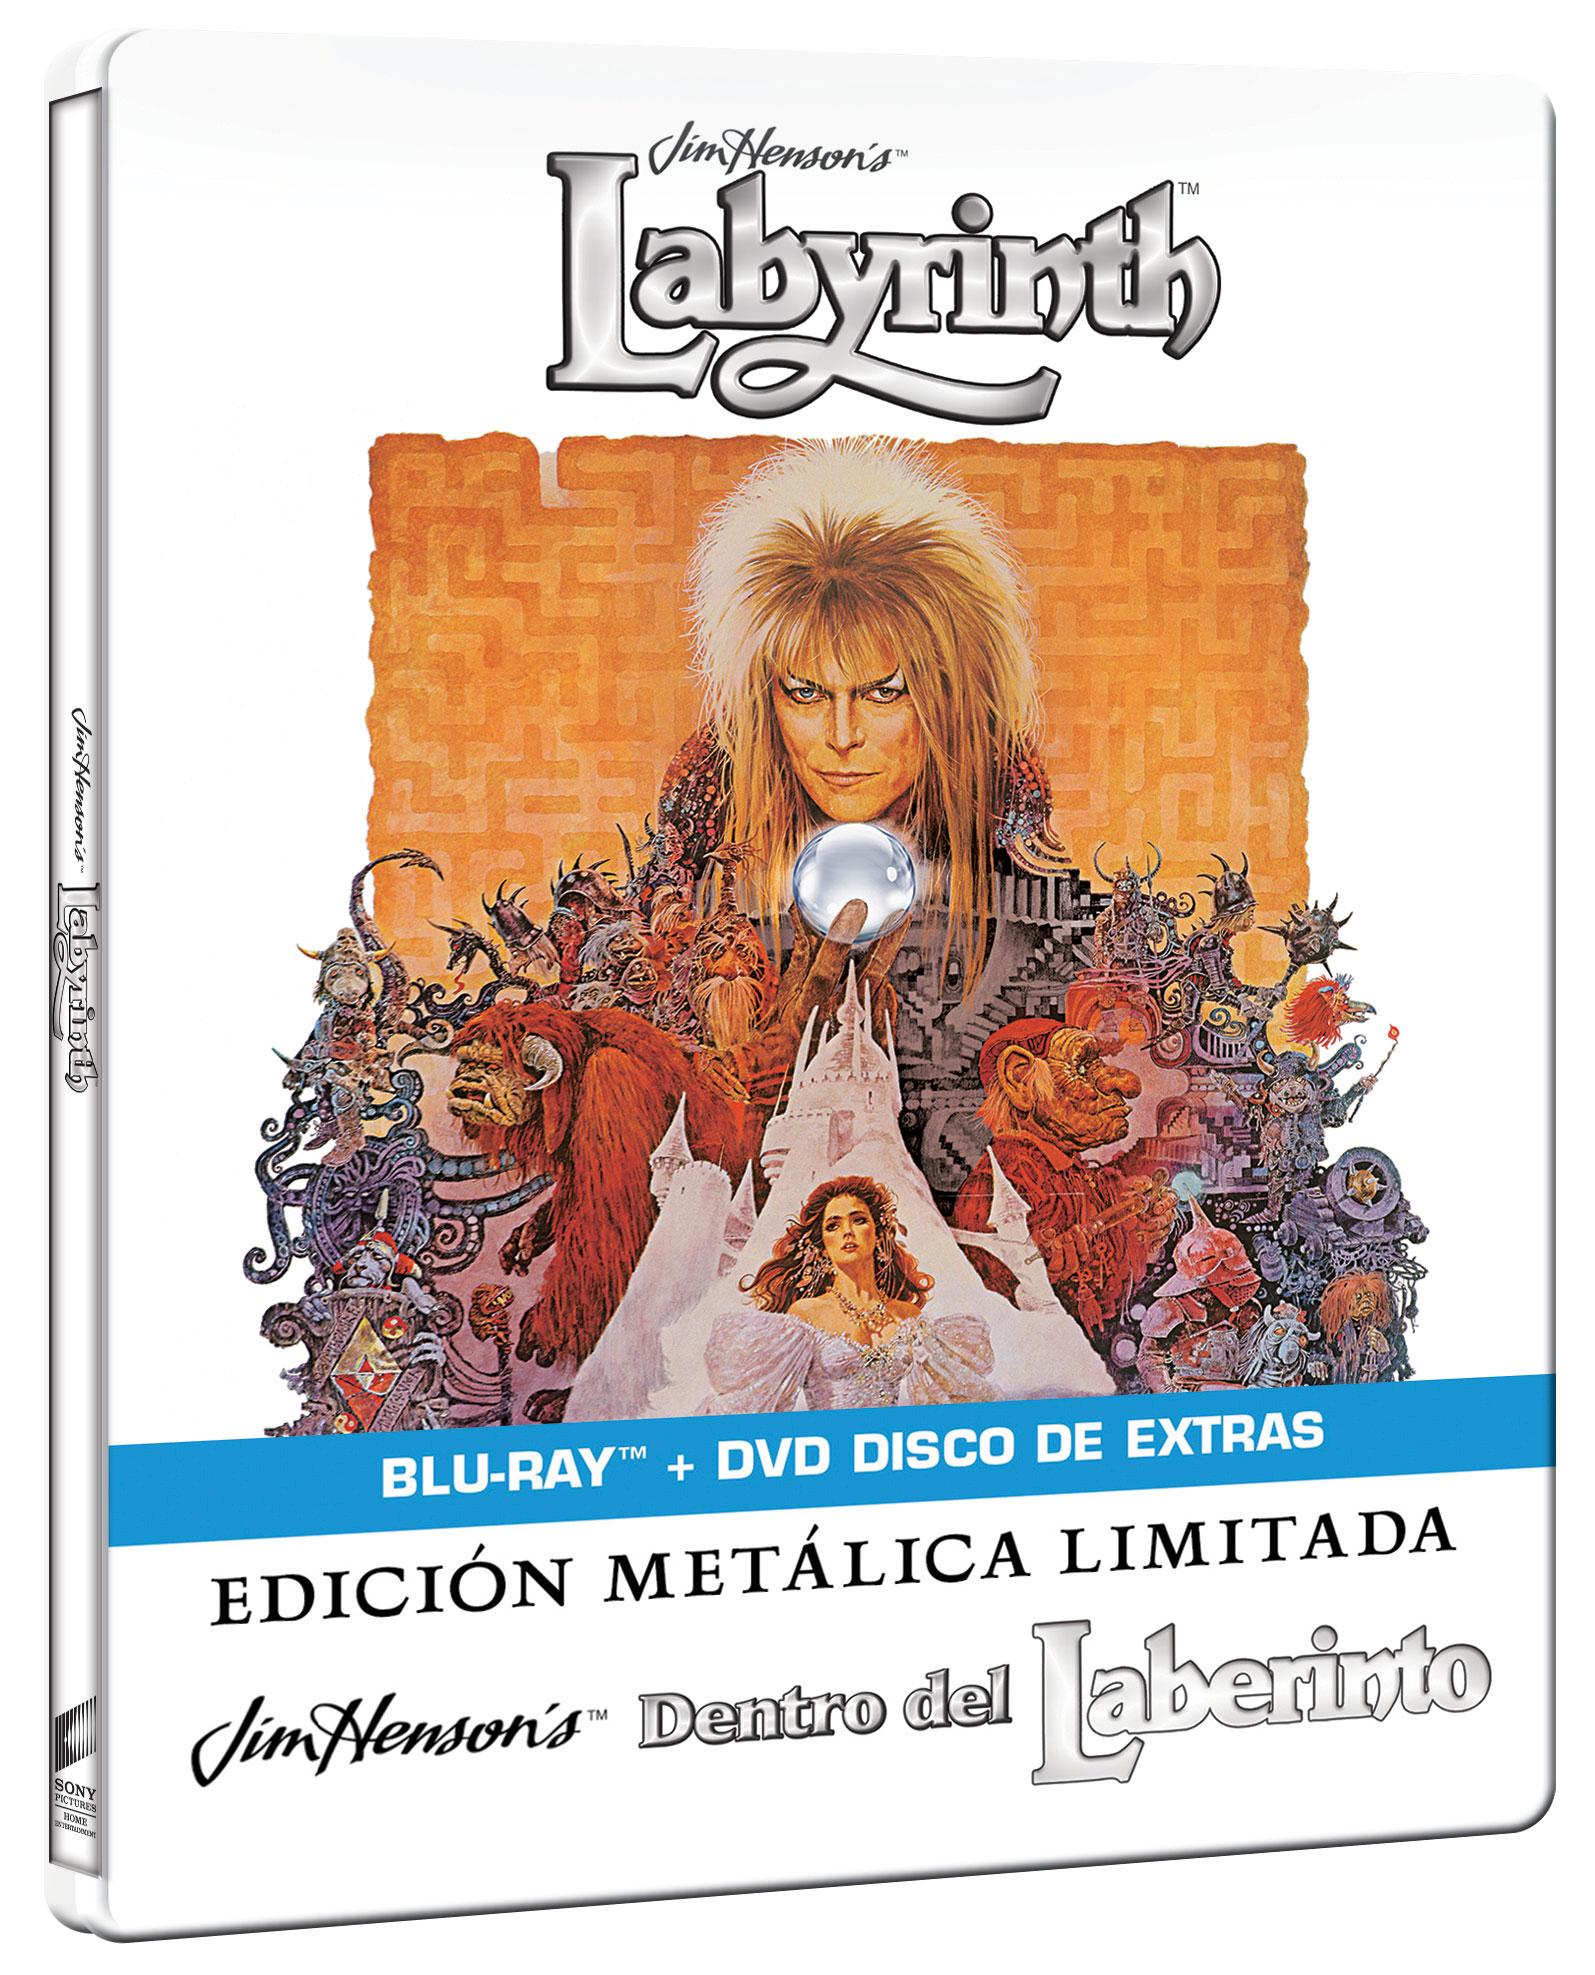 Dentro del laberinto - Steelbook Blu-ray